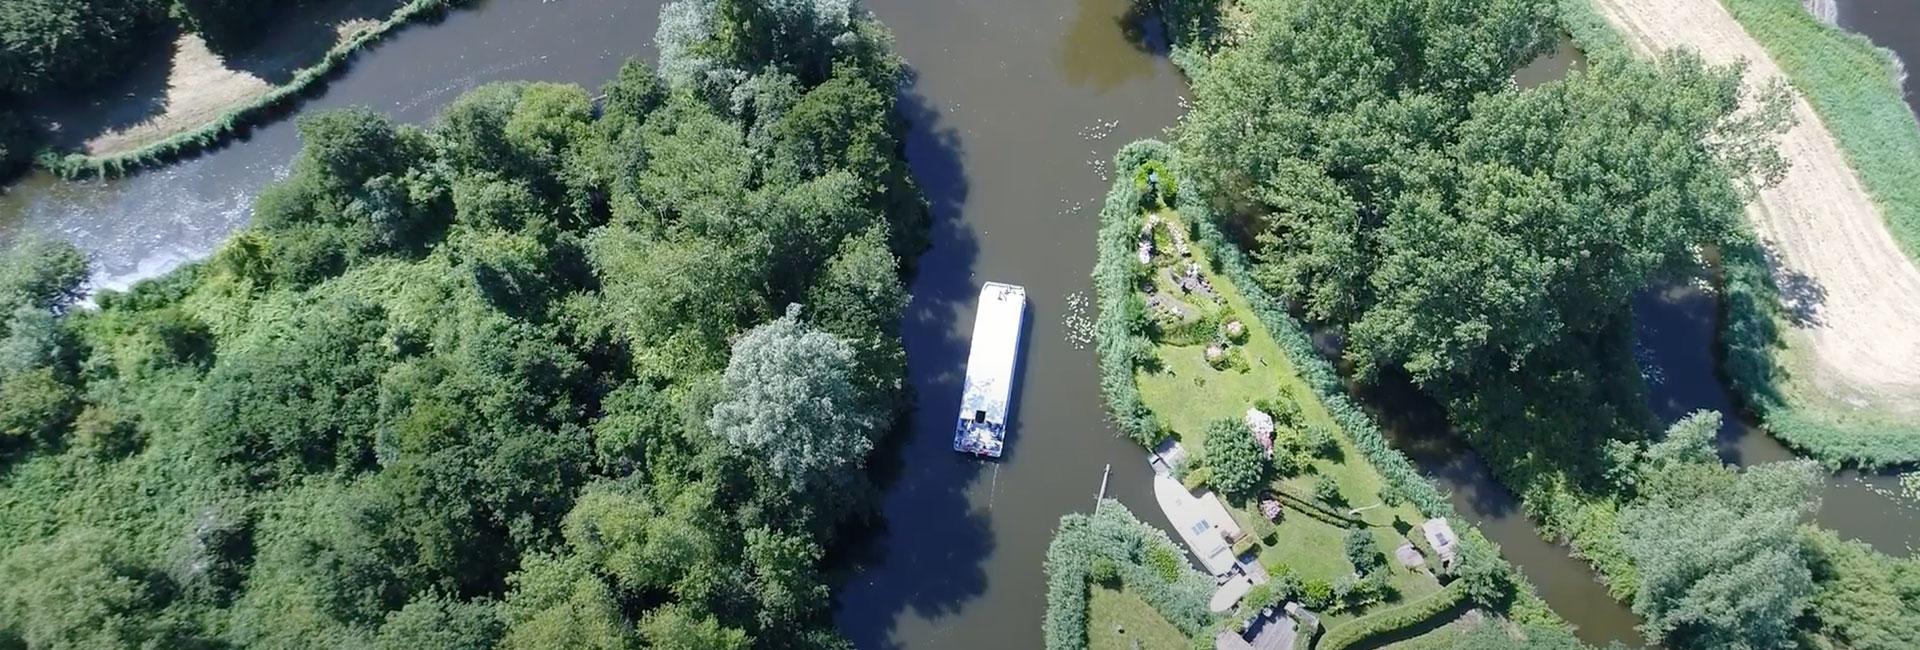 Partyboot De Koperen Hoorn door de Westfriese polders